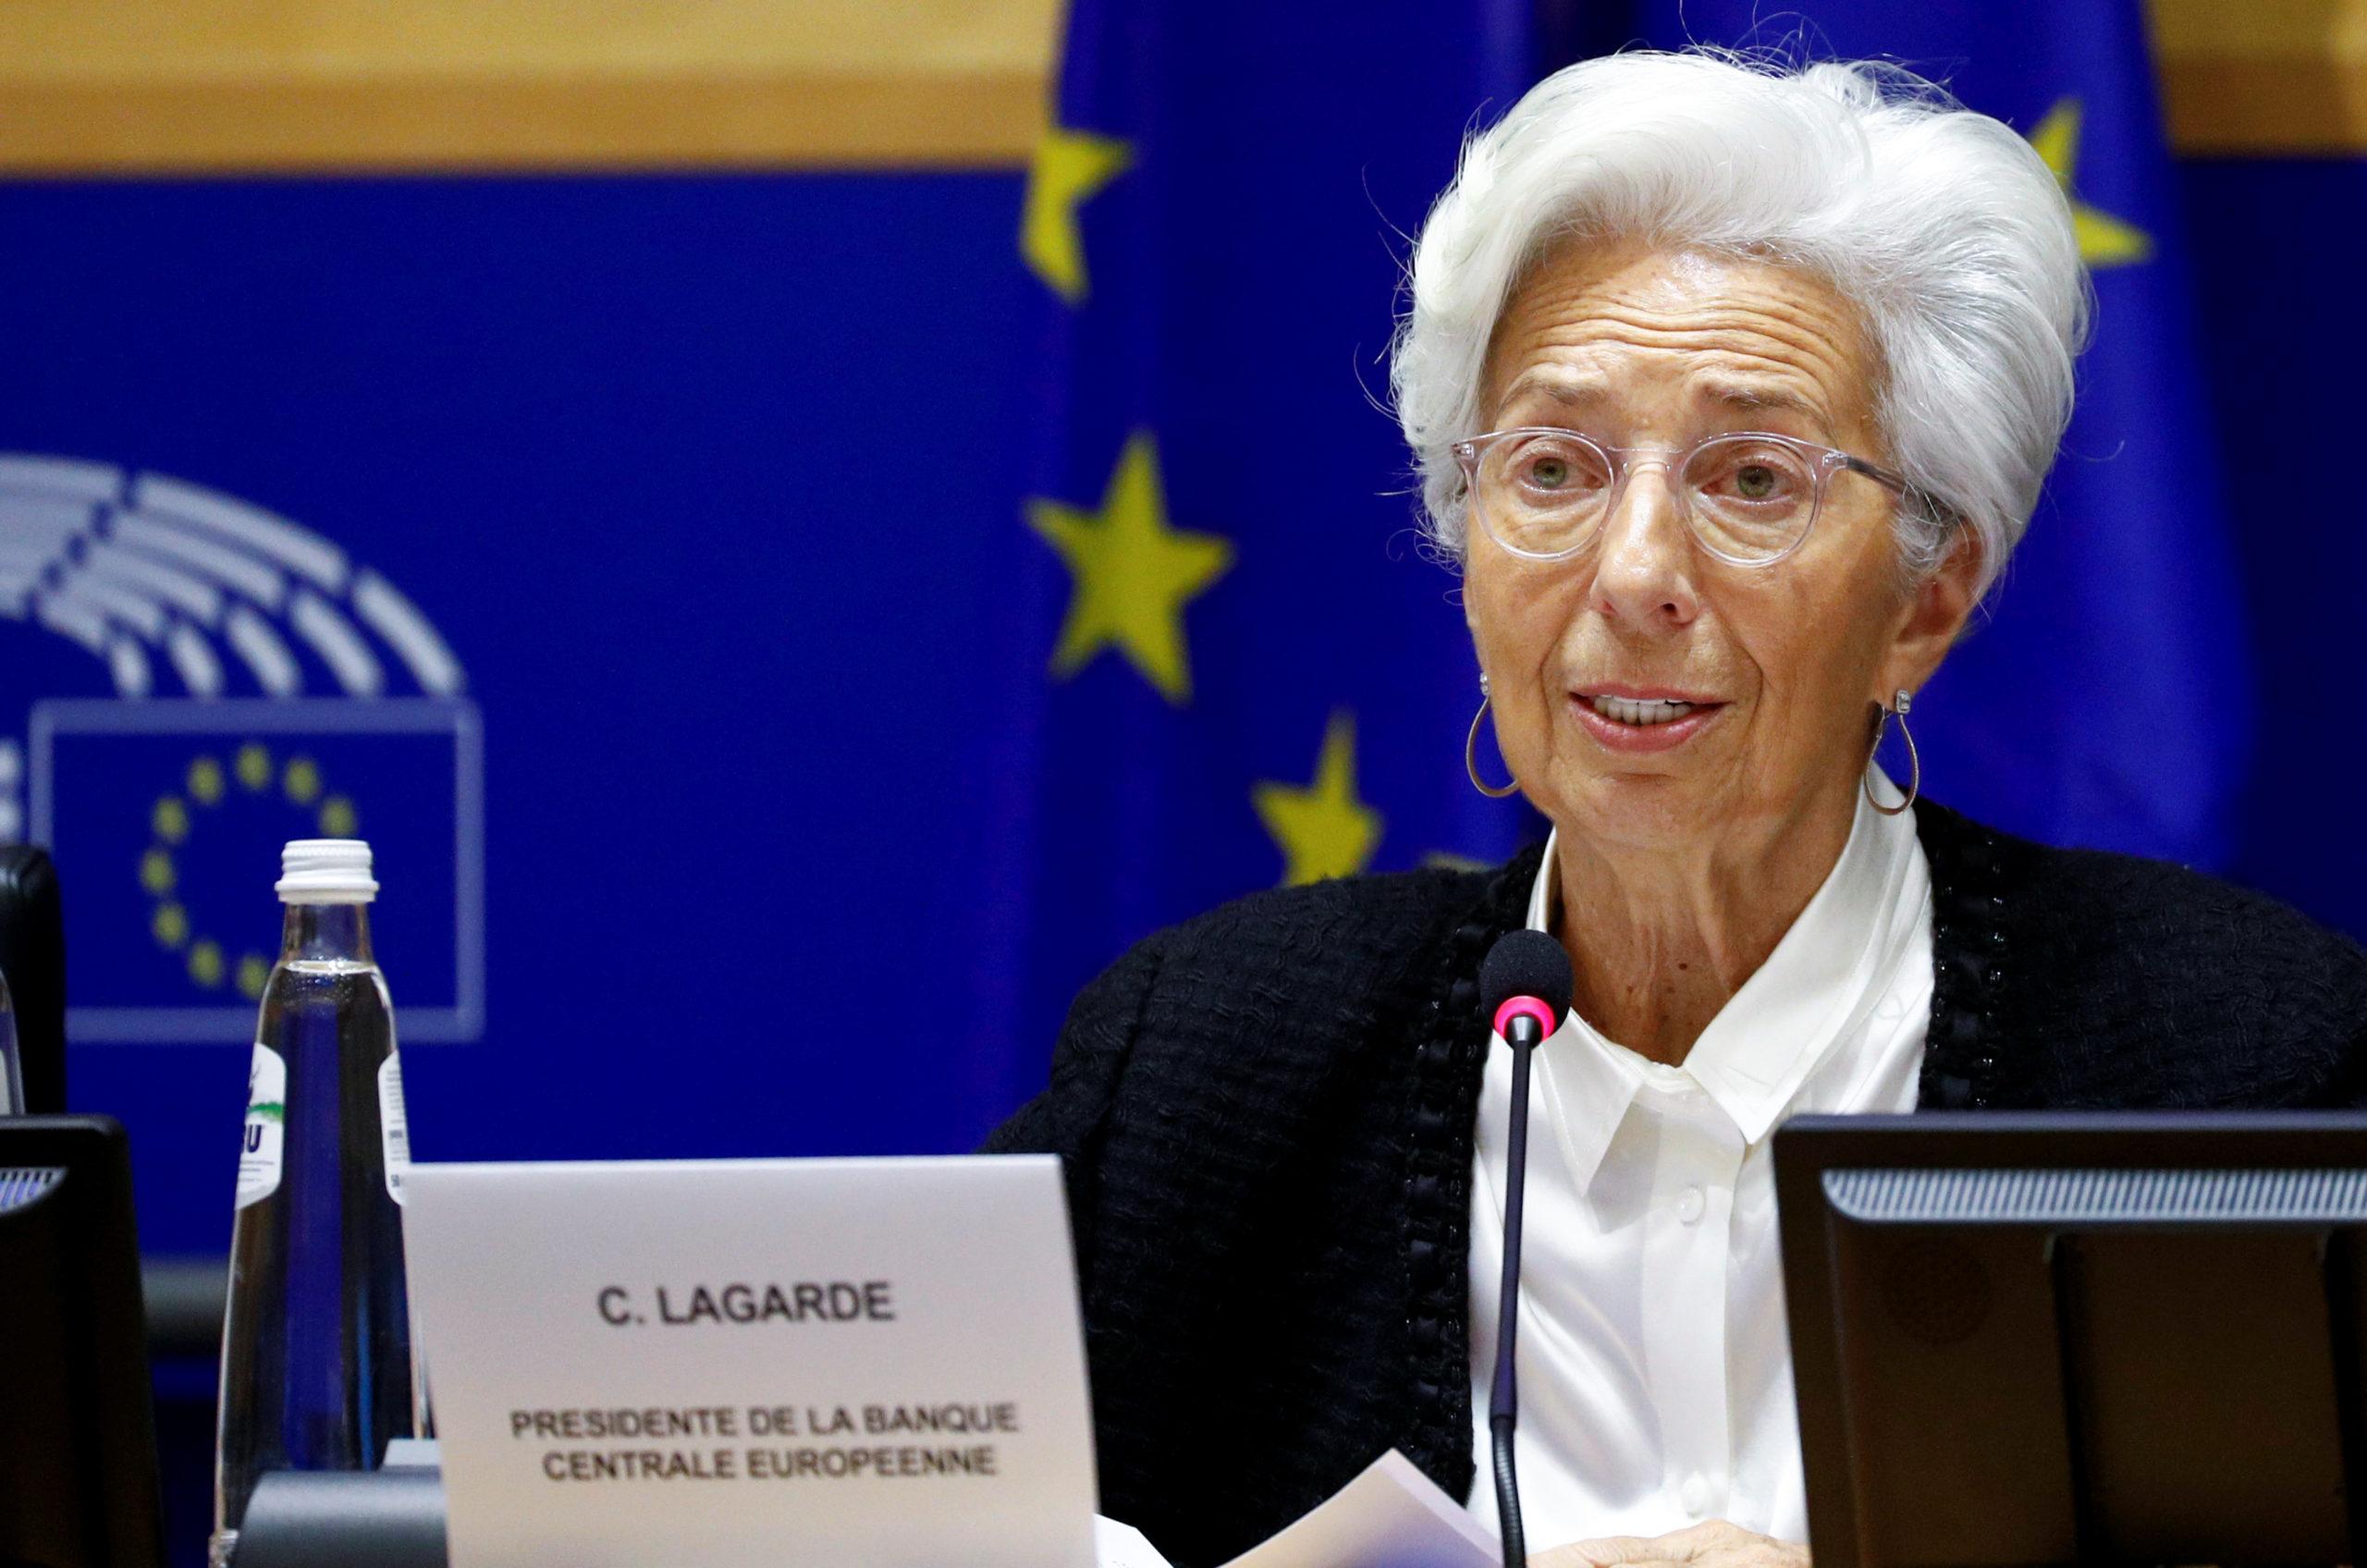 Λαγκάρντ: Αύξηση του έκτακτου προγράμματος αγορών ομολόγων και των δανείων στις τράπεζες